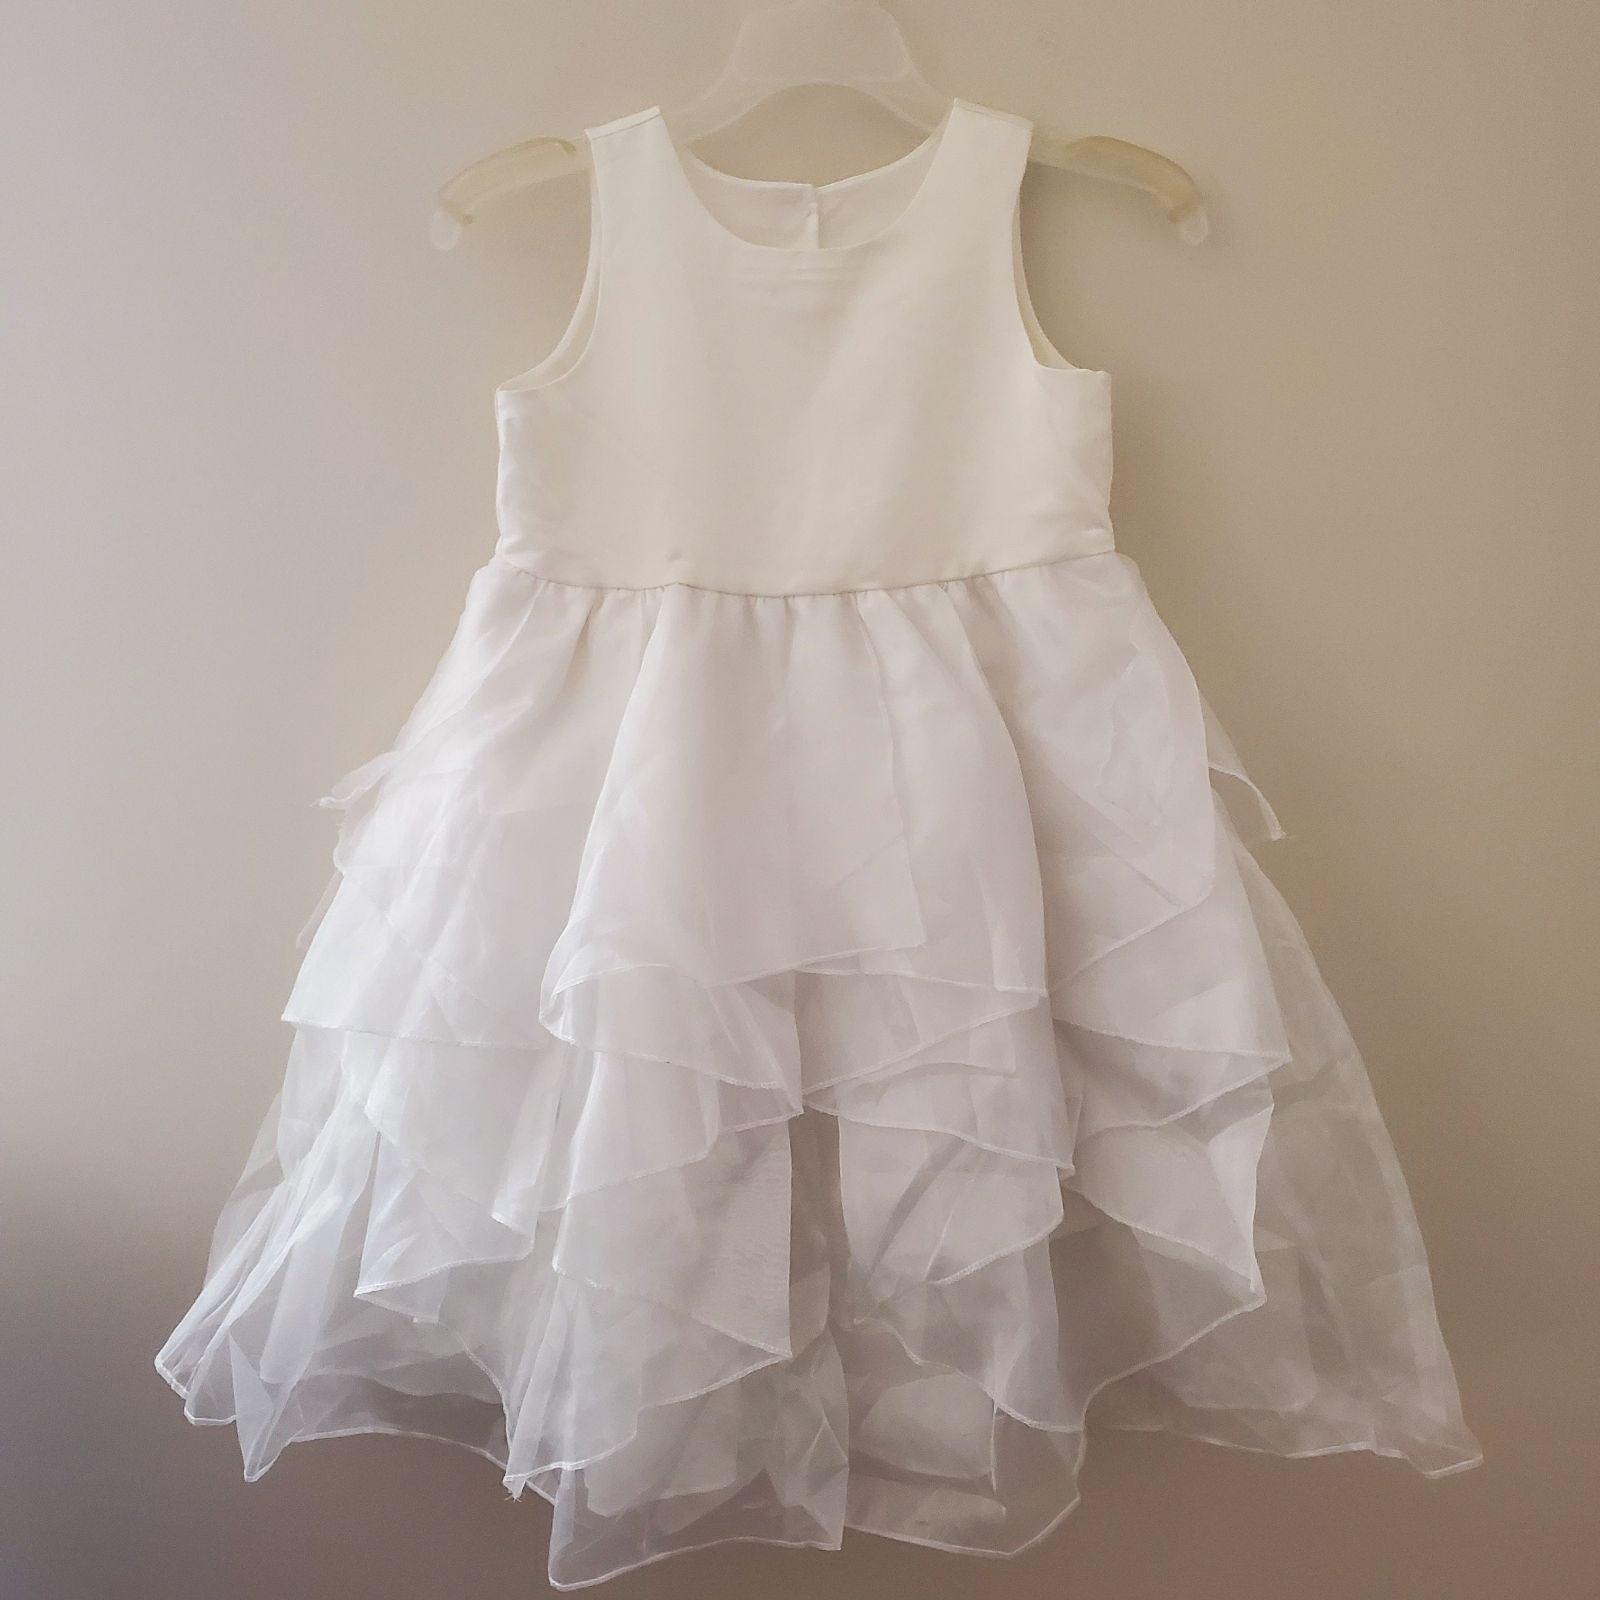 Boutique Girl's Flower Girl Dress 8